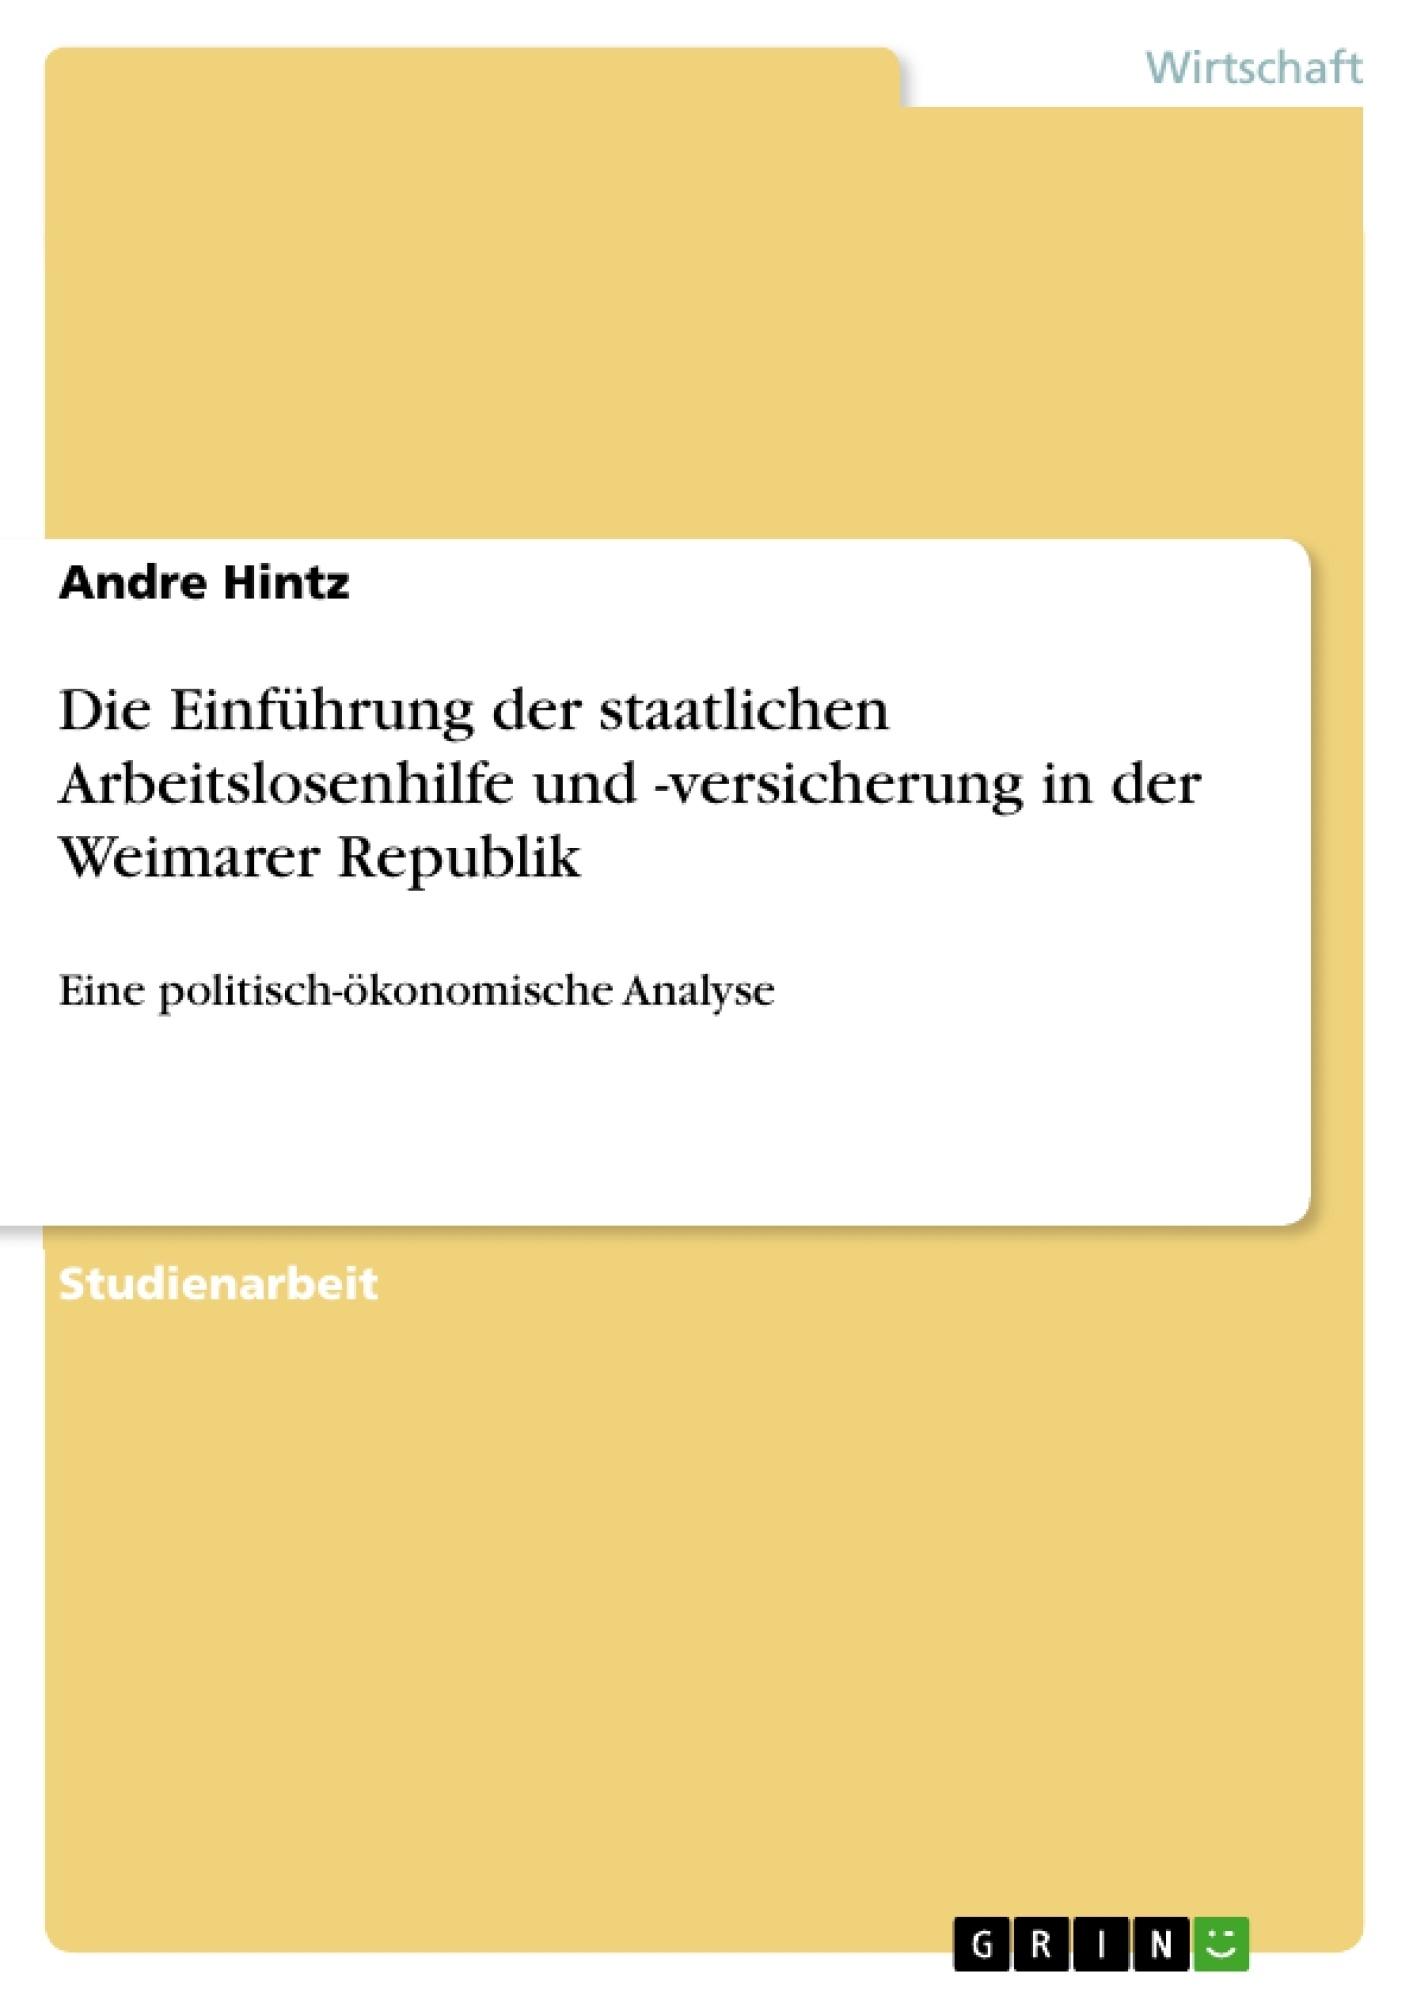 Titel: Die Einführung der staatlichen Arbeitslosenhilfe und -versicherung in der Weimarer Republik